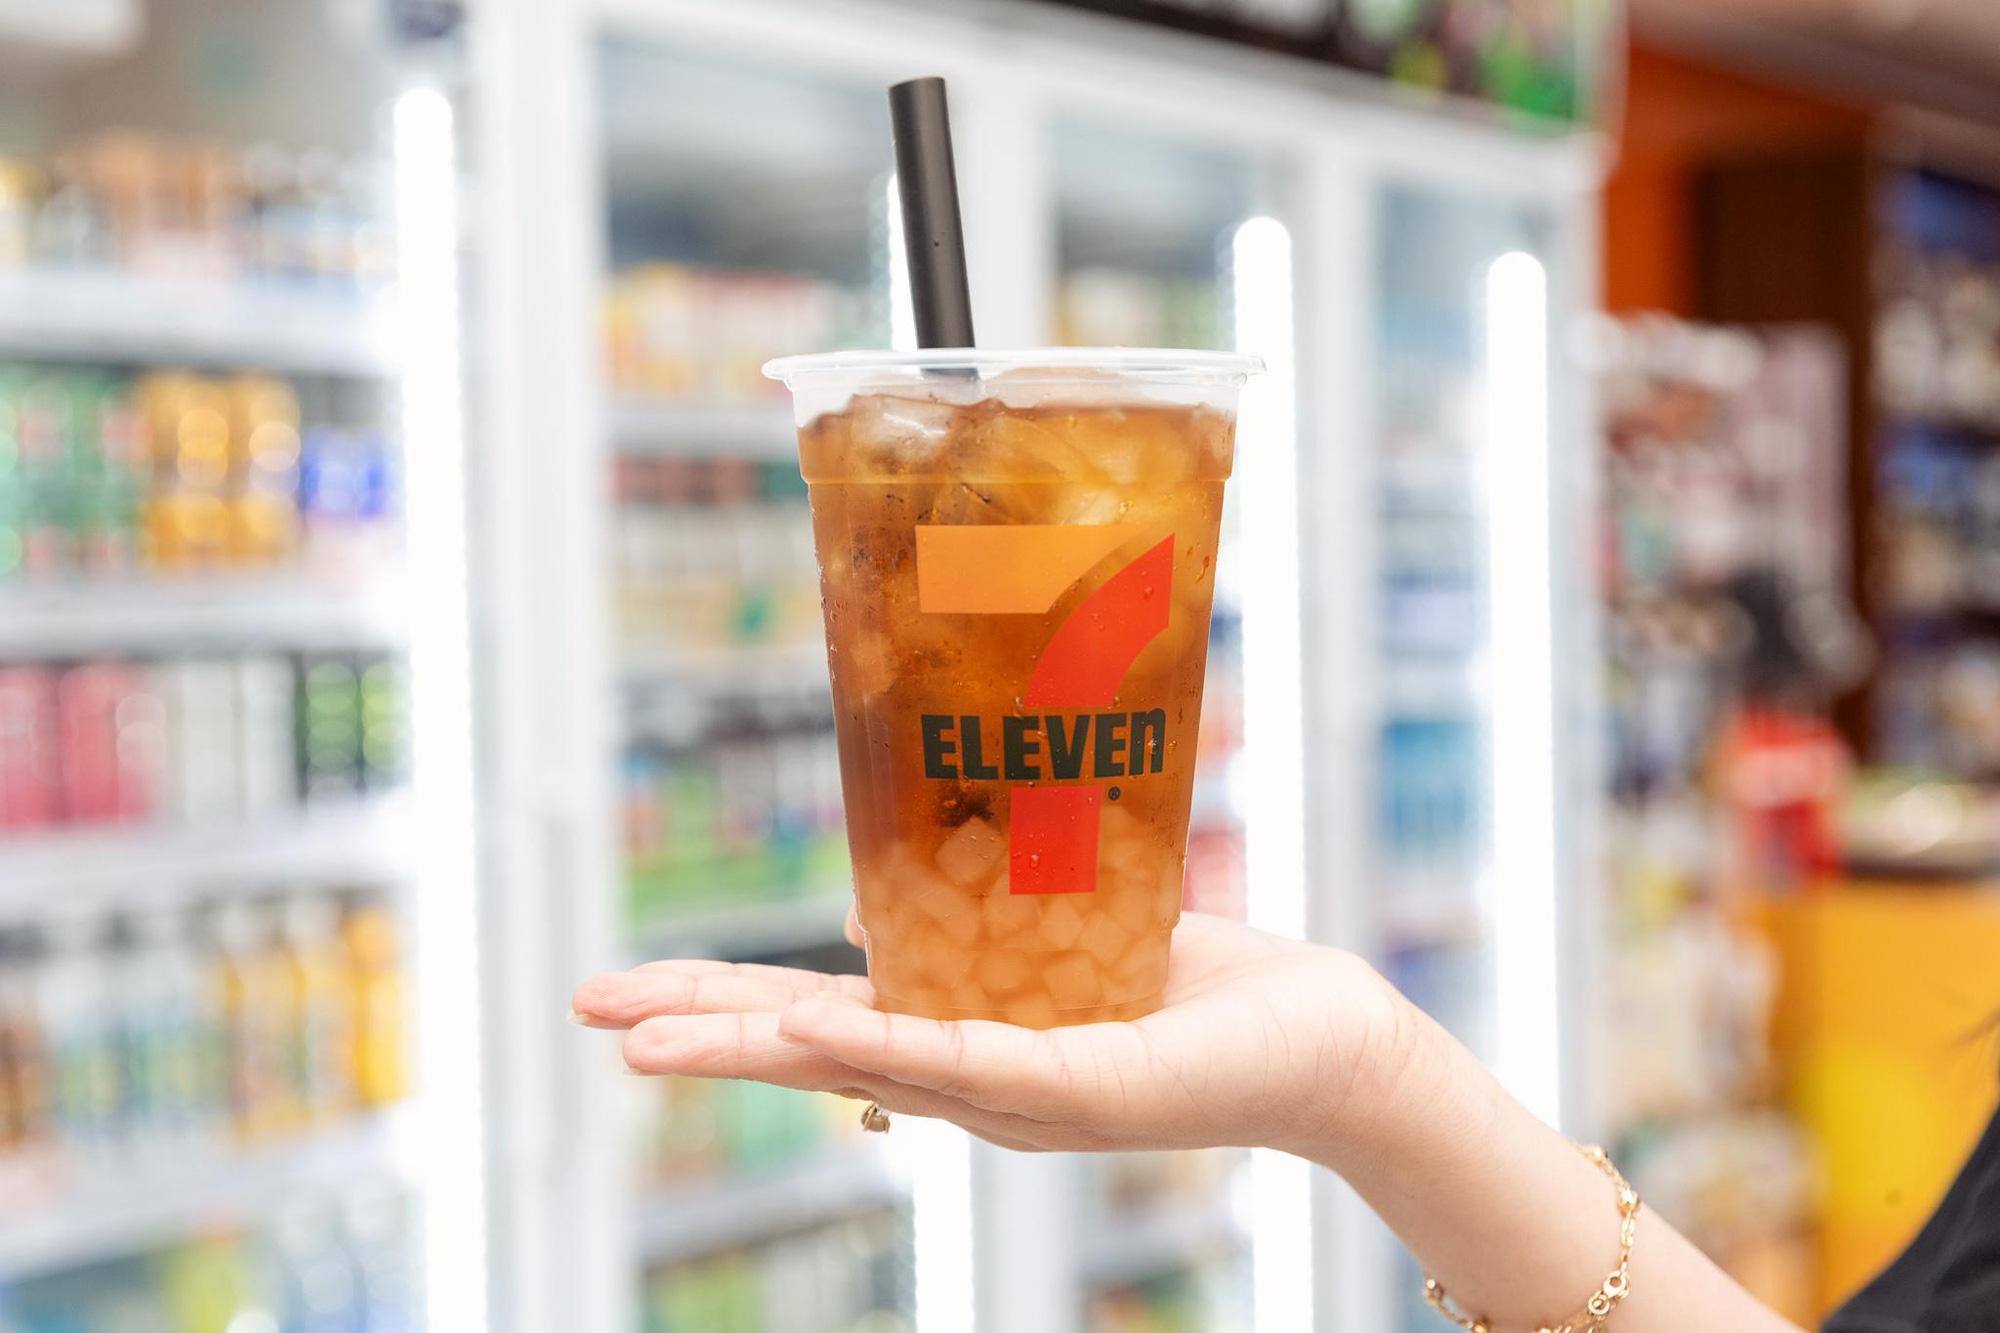 Khám phá loạt món đồ thiết yếu ở 7-Eleven khiến bạn ồ à quyết xuống tiền mua ngay! - Ảnh 7.